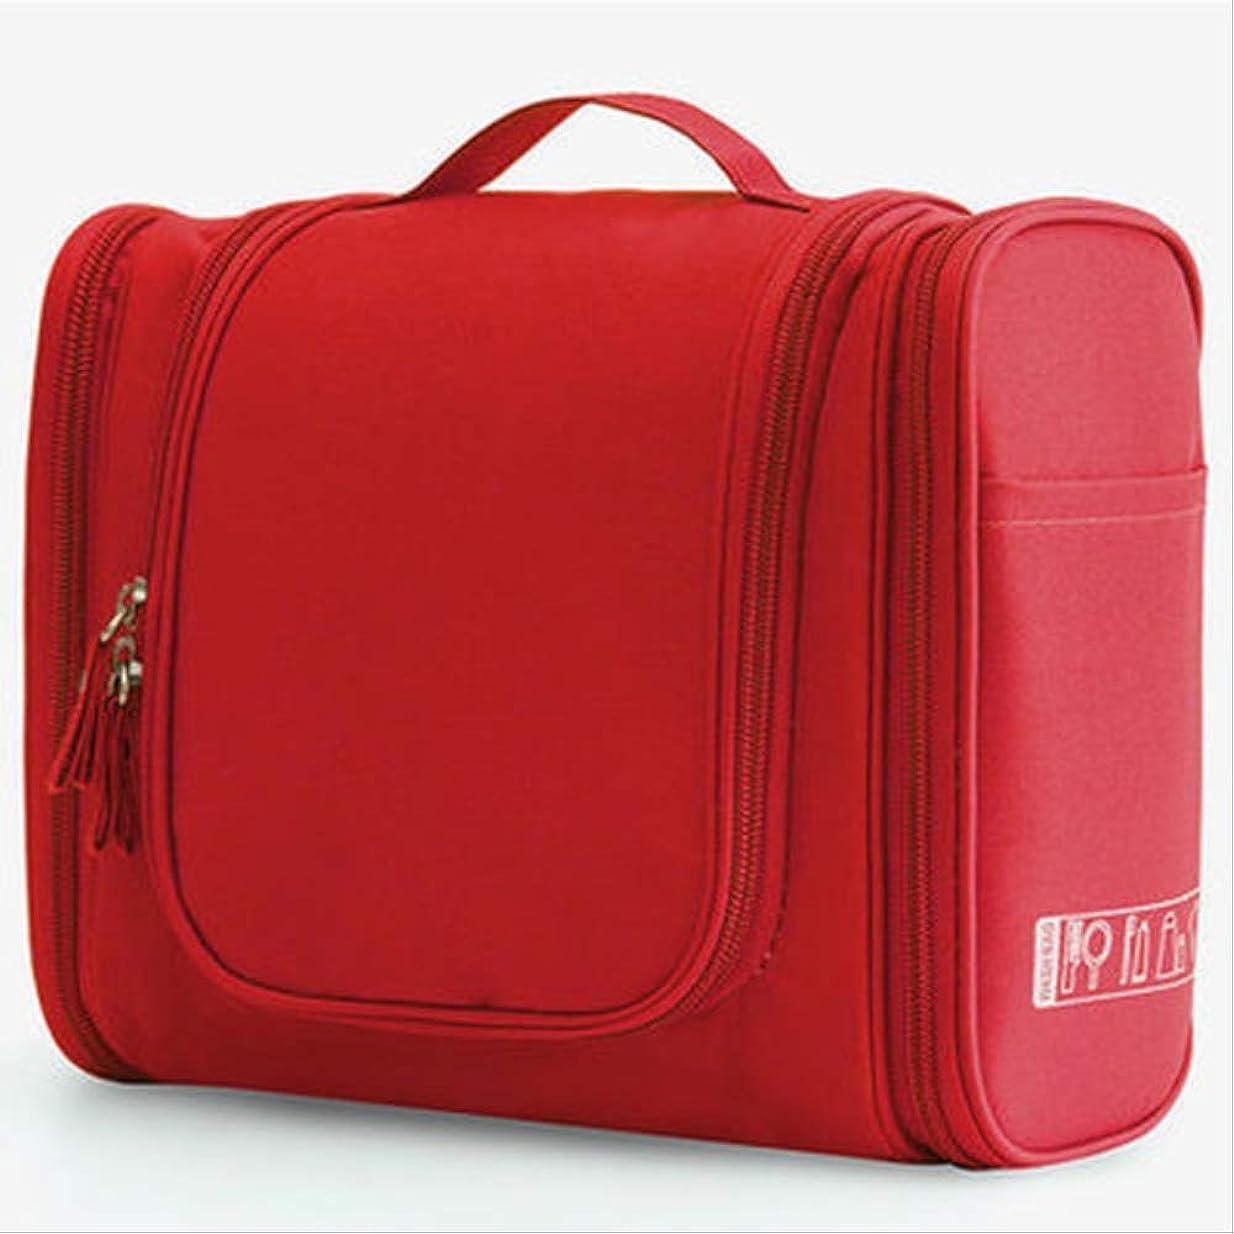 側デクリメント直立防水ナイロン旅行収納袋ユニセックスレディース化粧品袋ぶら下げ旅行化粧品袋トイレタリー用品キット収納袋赤